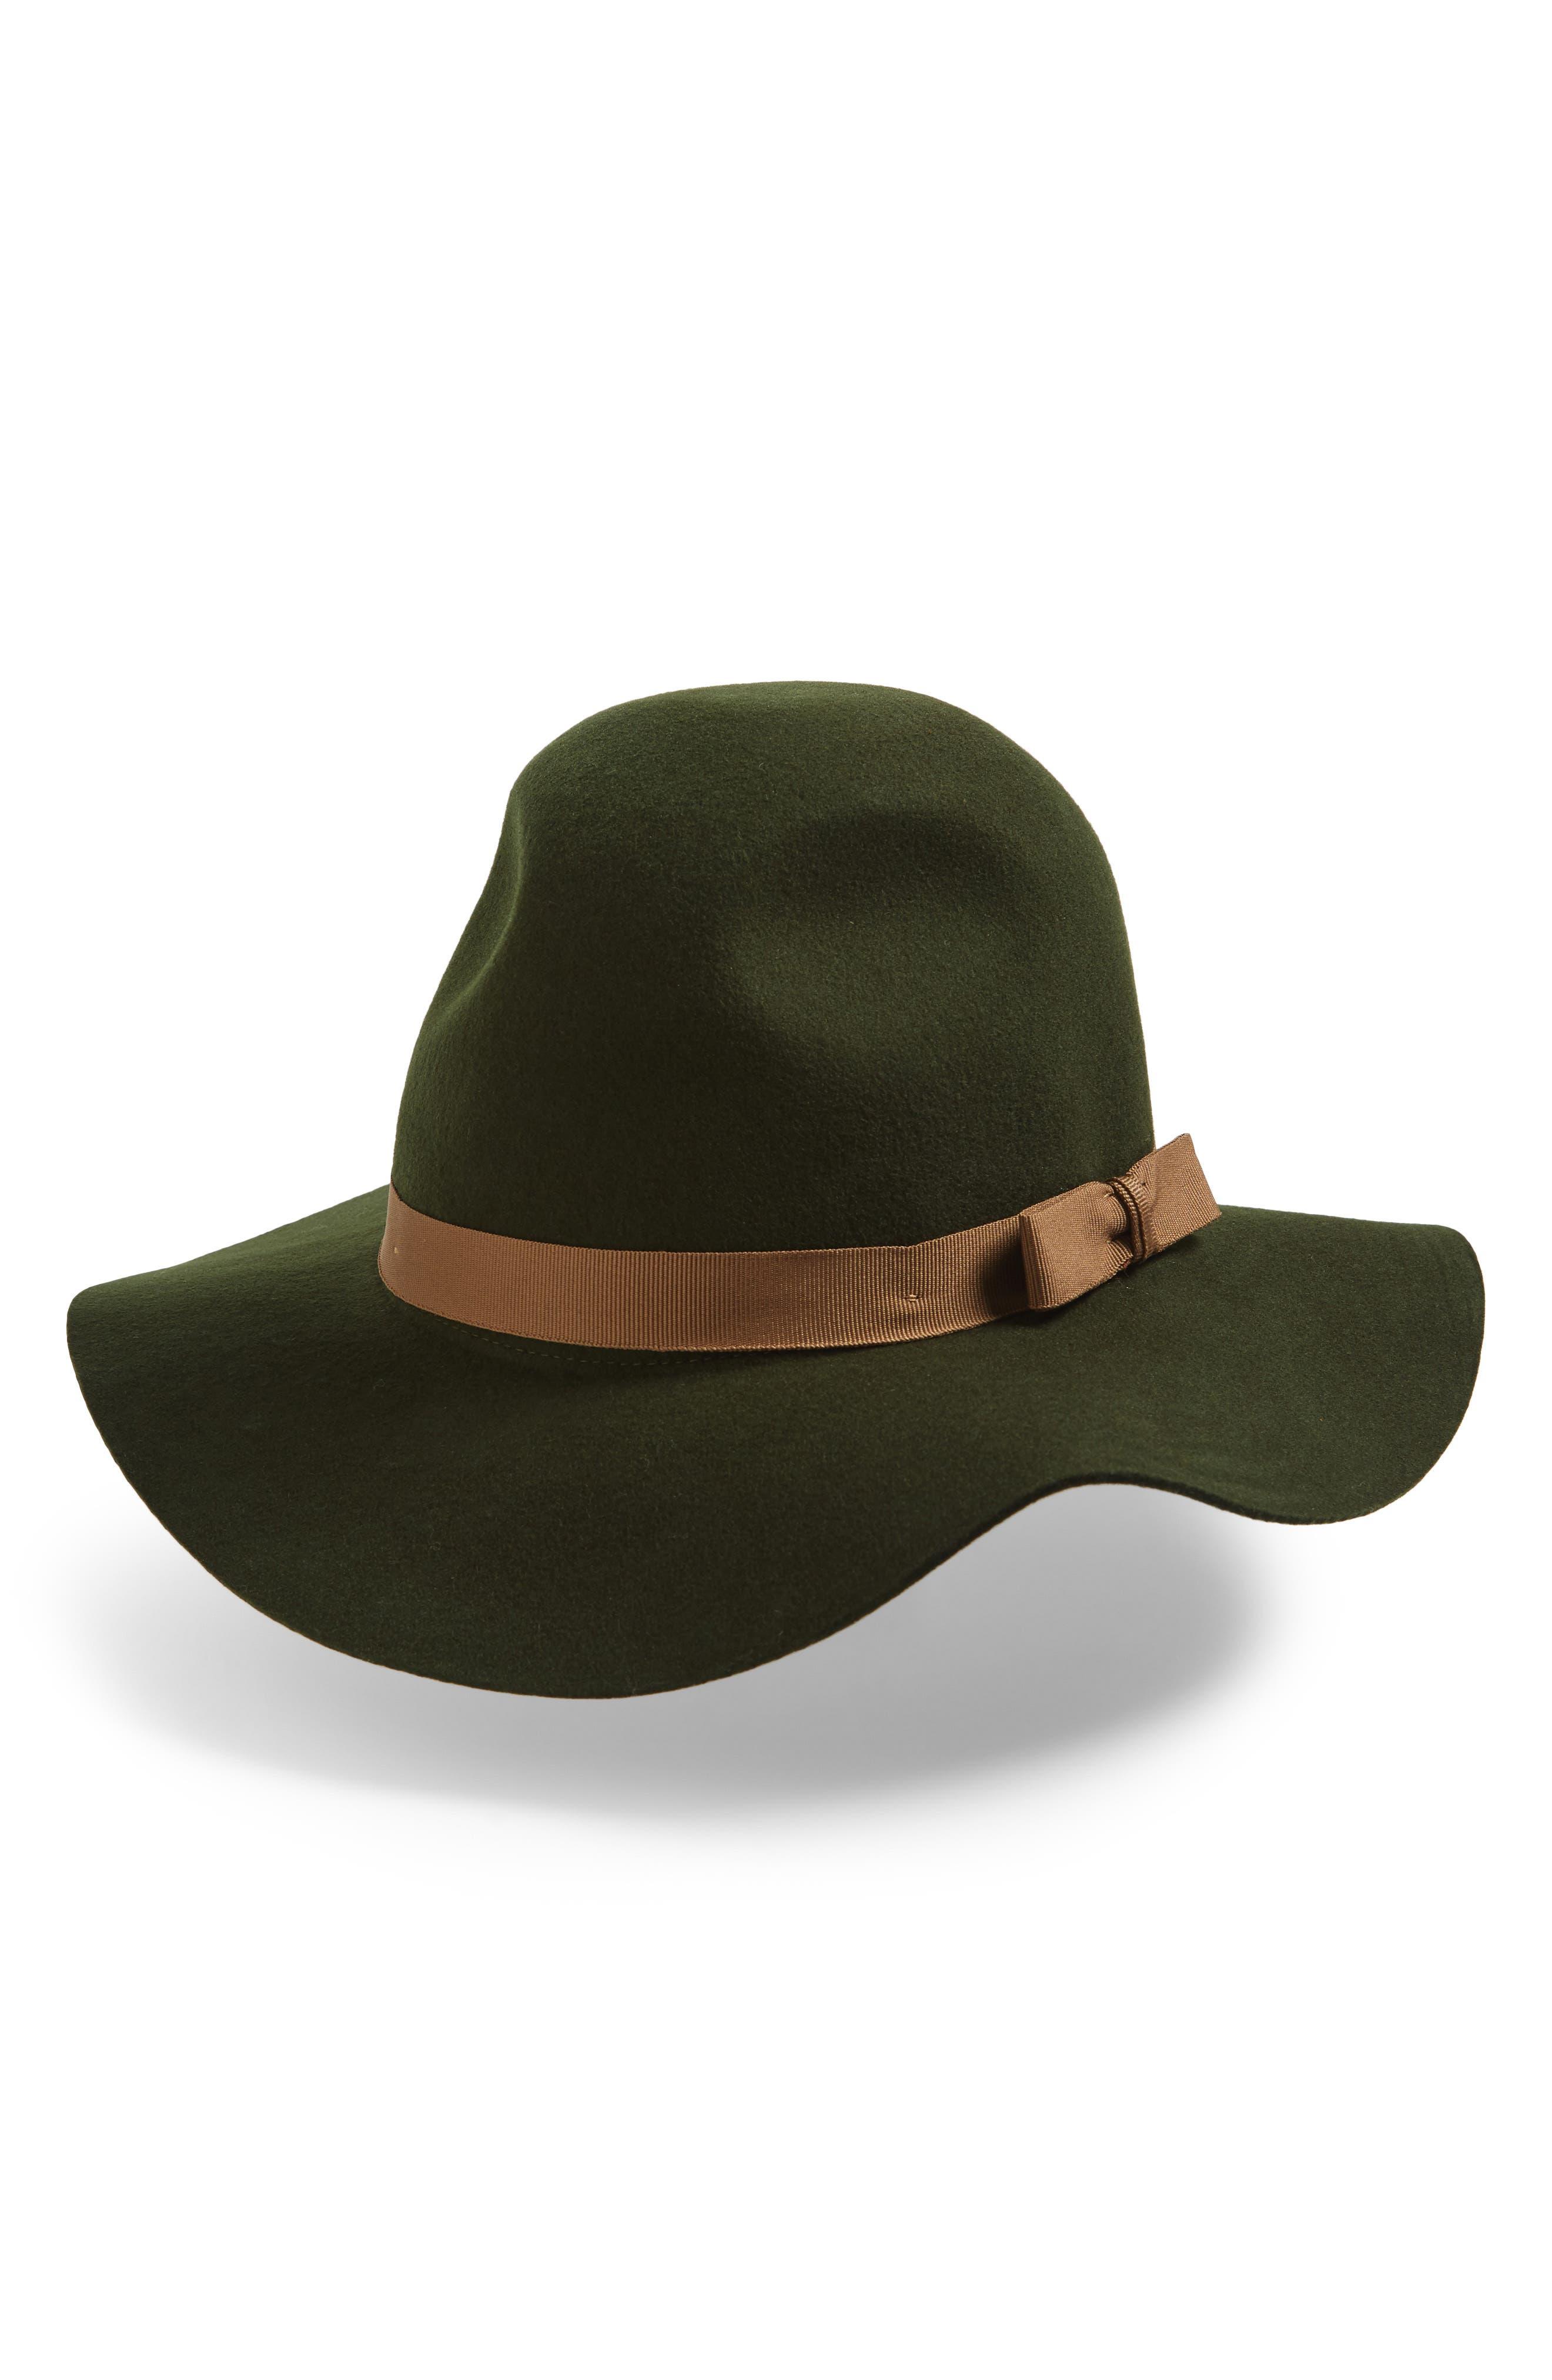 Main Image - Brixton 'Dalila' Floppy Felt Hat